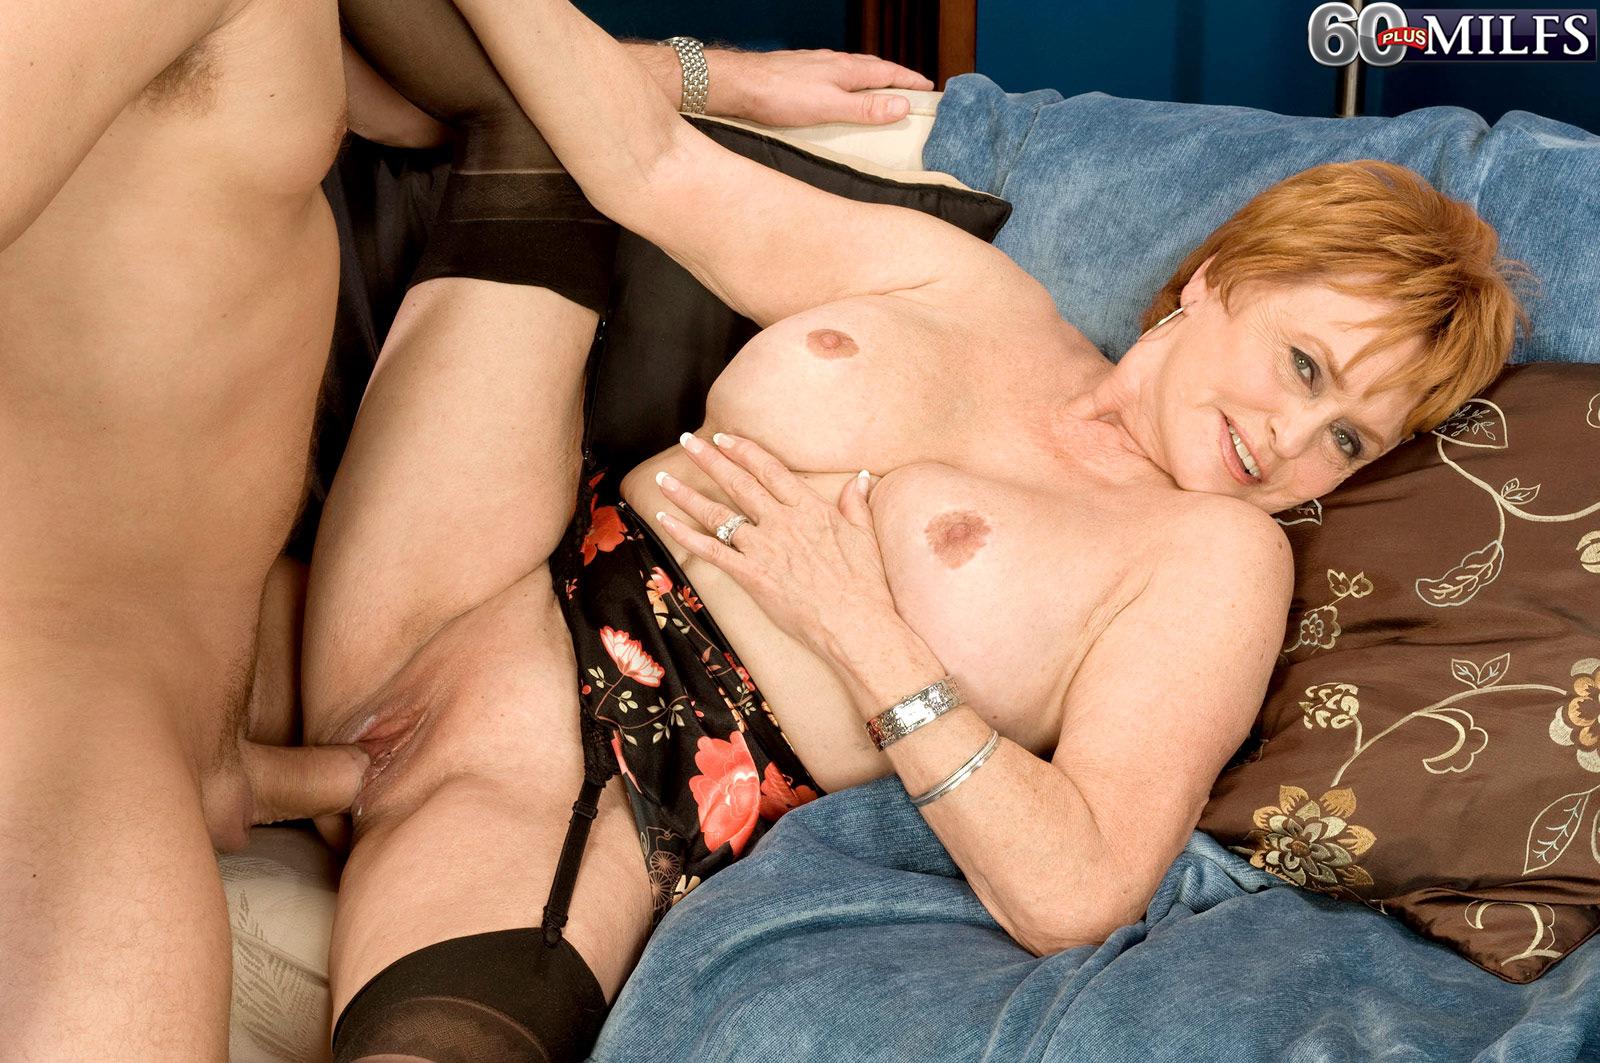 зрелые порно мамы 45